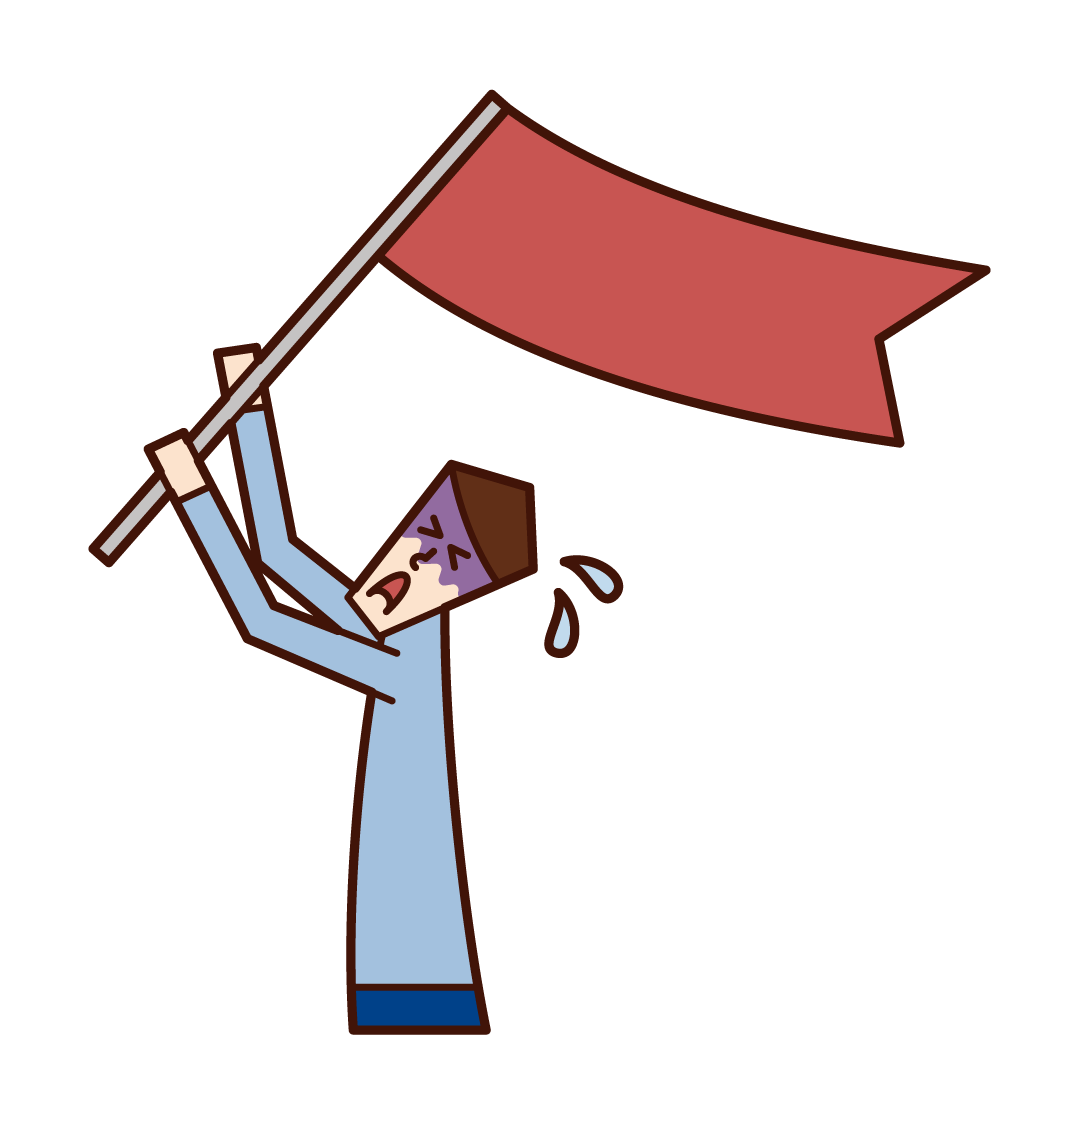 旗を振ってSOSを求める人(男性)のイラスト